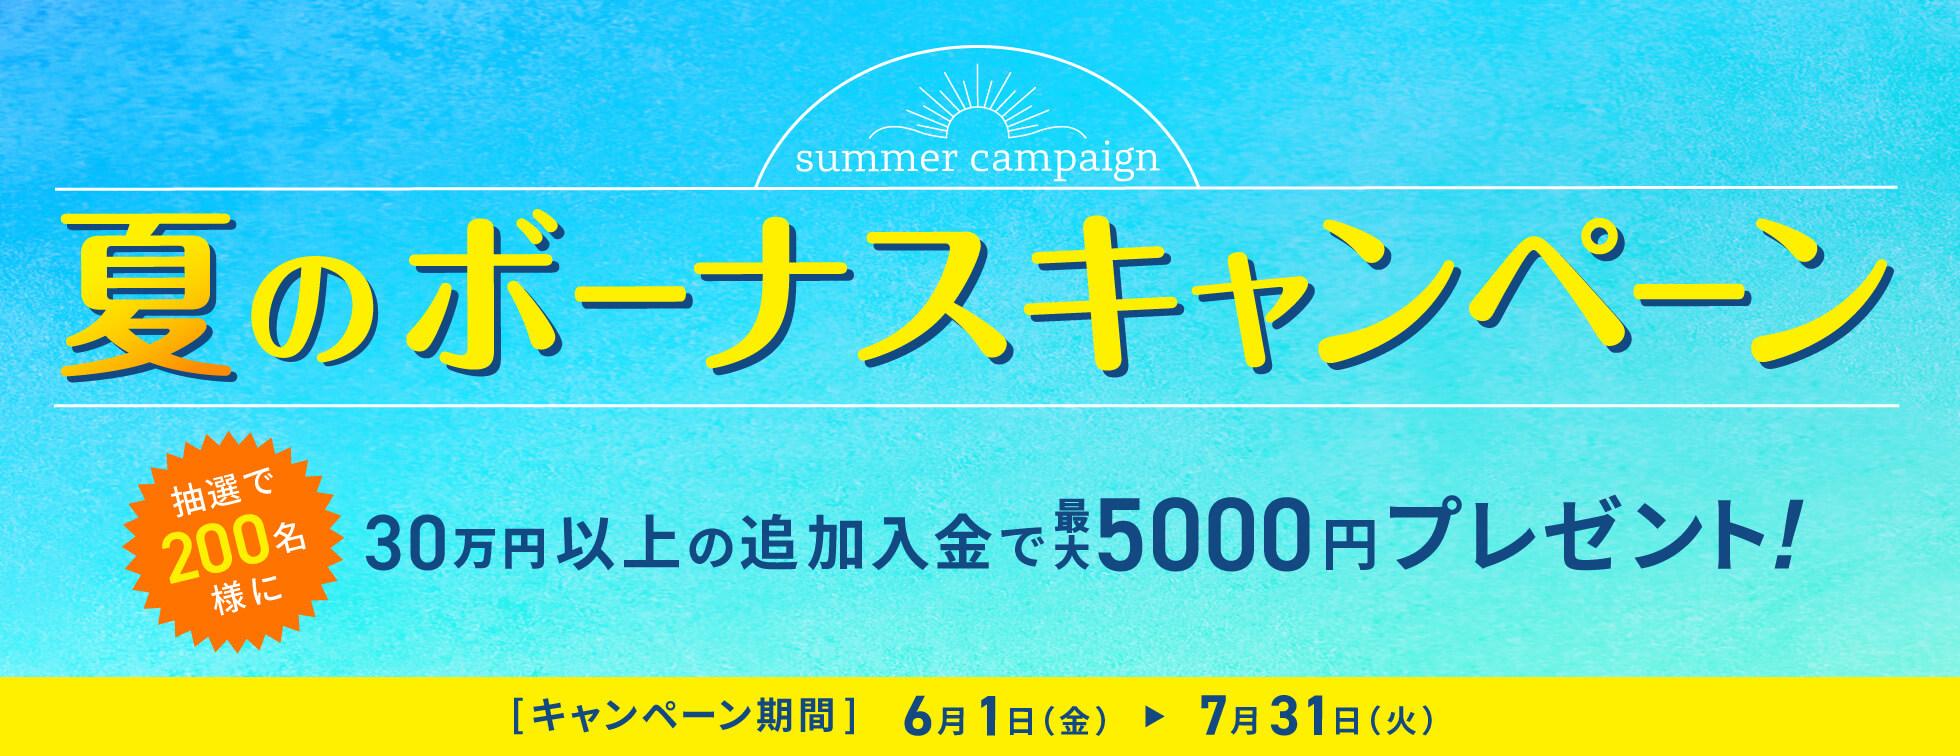 キャンペーン期間中に30万円以上の追加入金を行ったお客様の中から、抽選で200名様に最大5000円プレゼント!